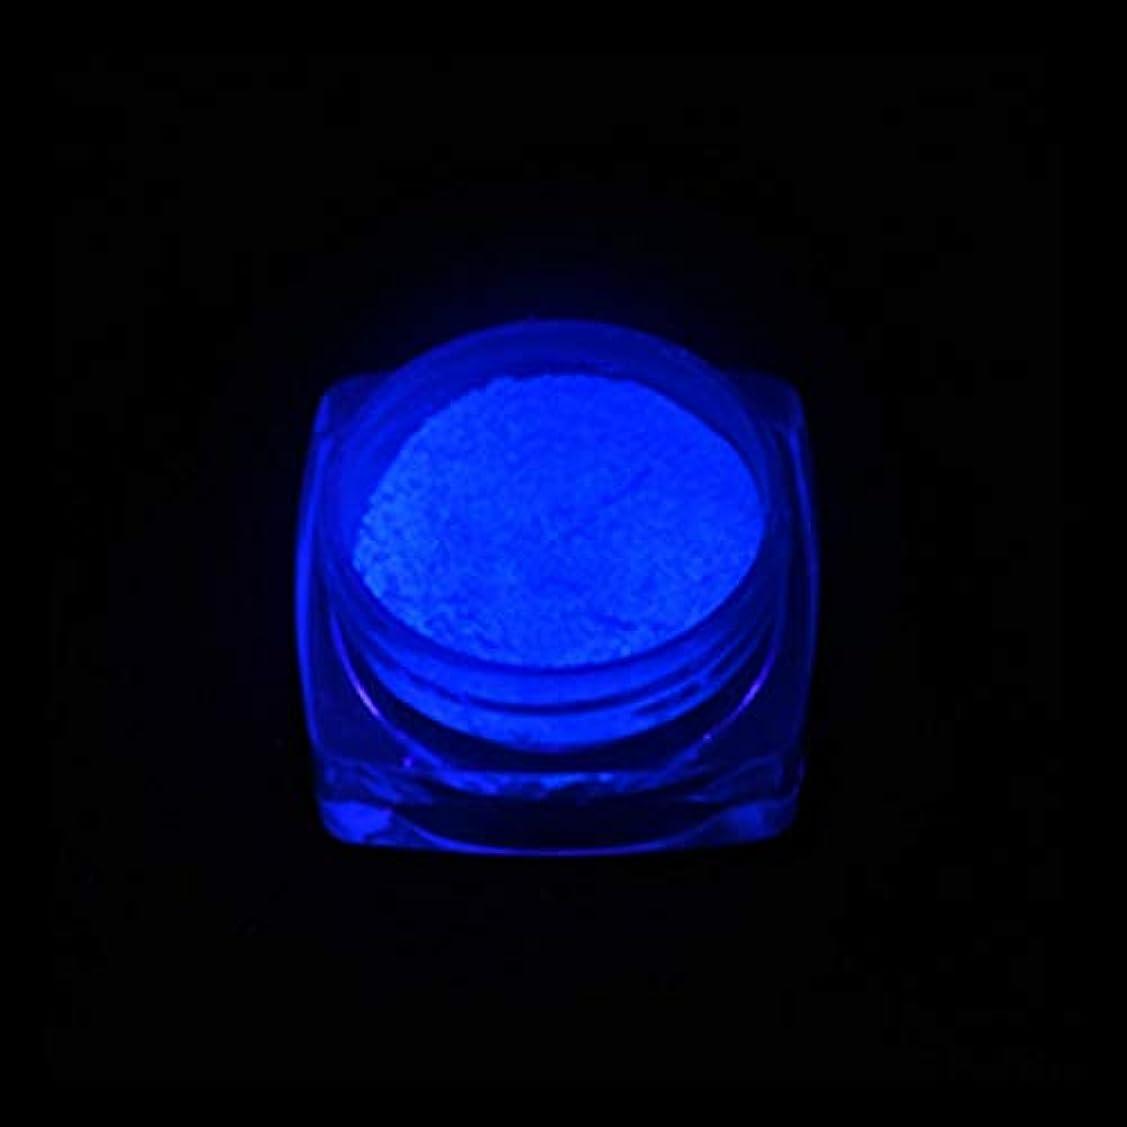 マーチャンダイジング露出度の高いブレイズ手足ビューティーケア 3 PCSネオン蛍光体粉末ネイルグリッターパウダー (色 : YGF06 Dark Blue)